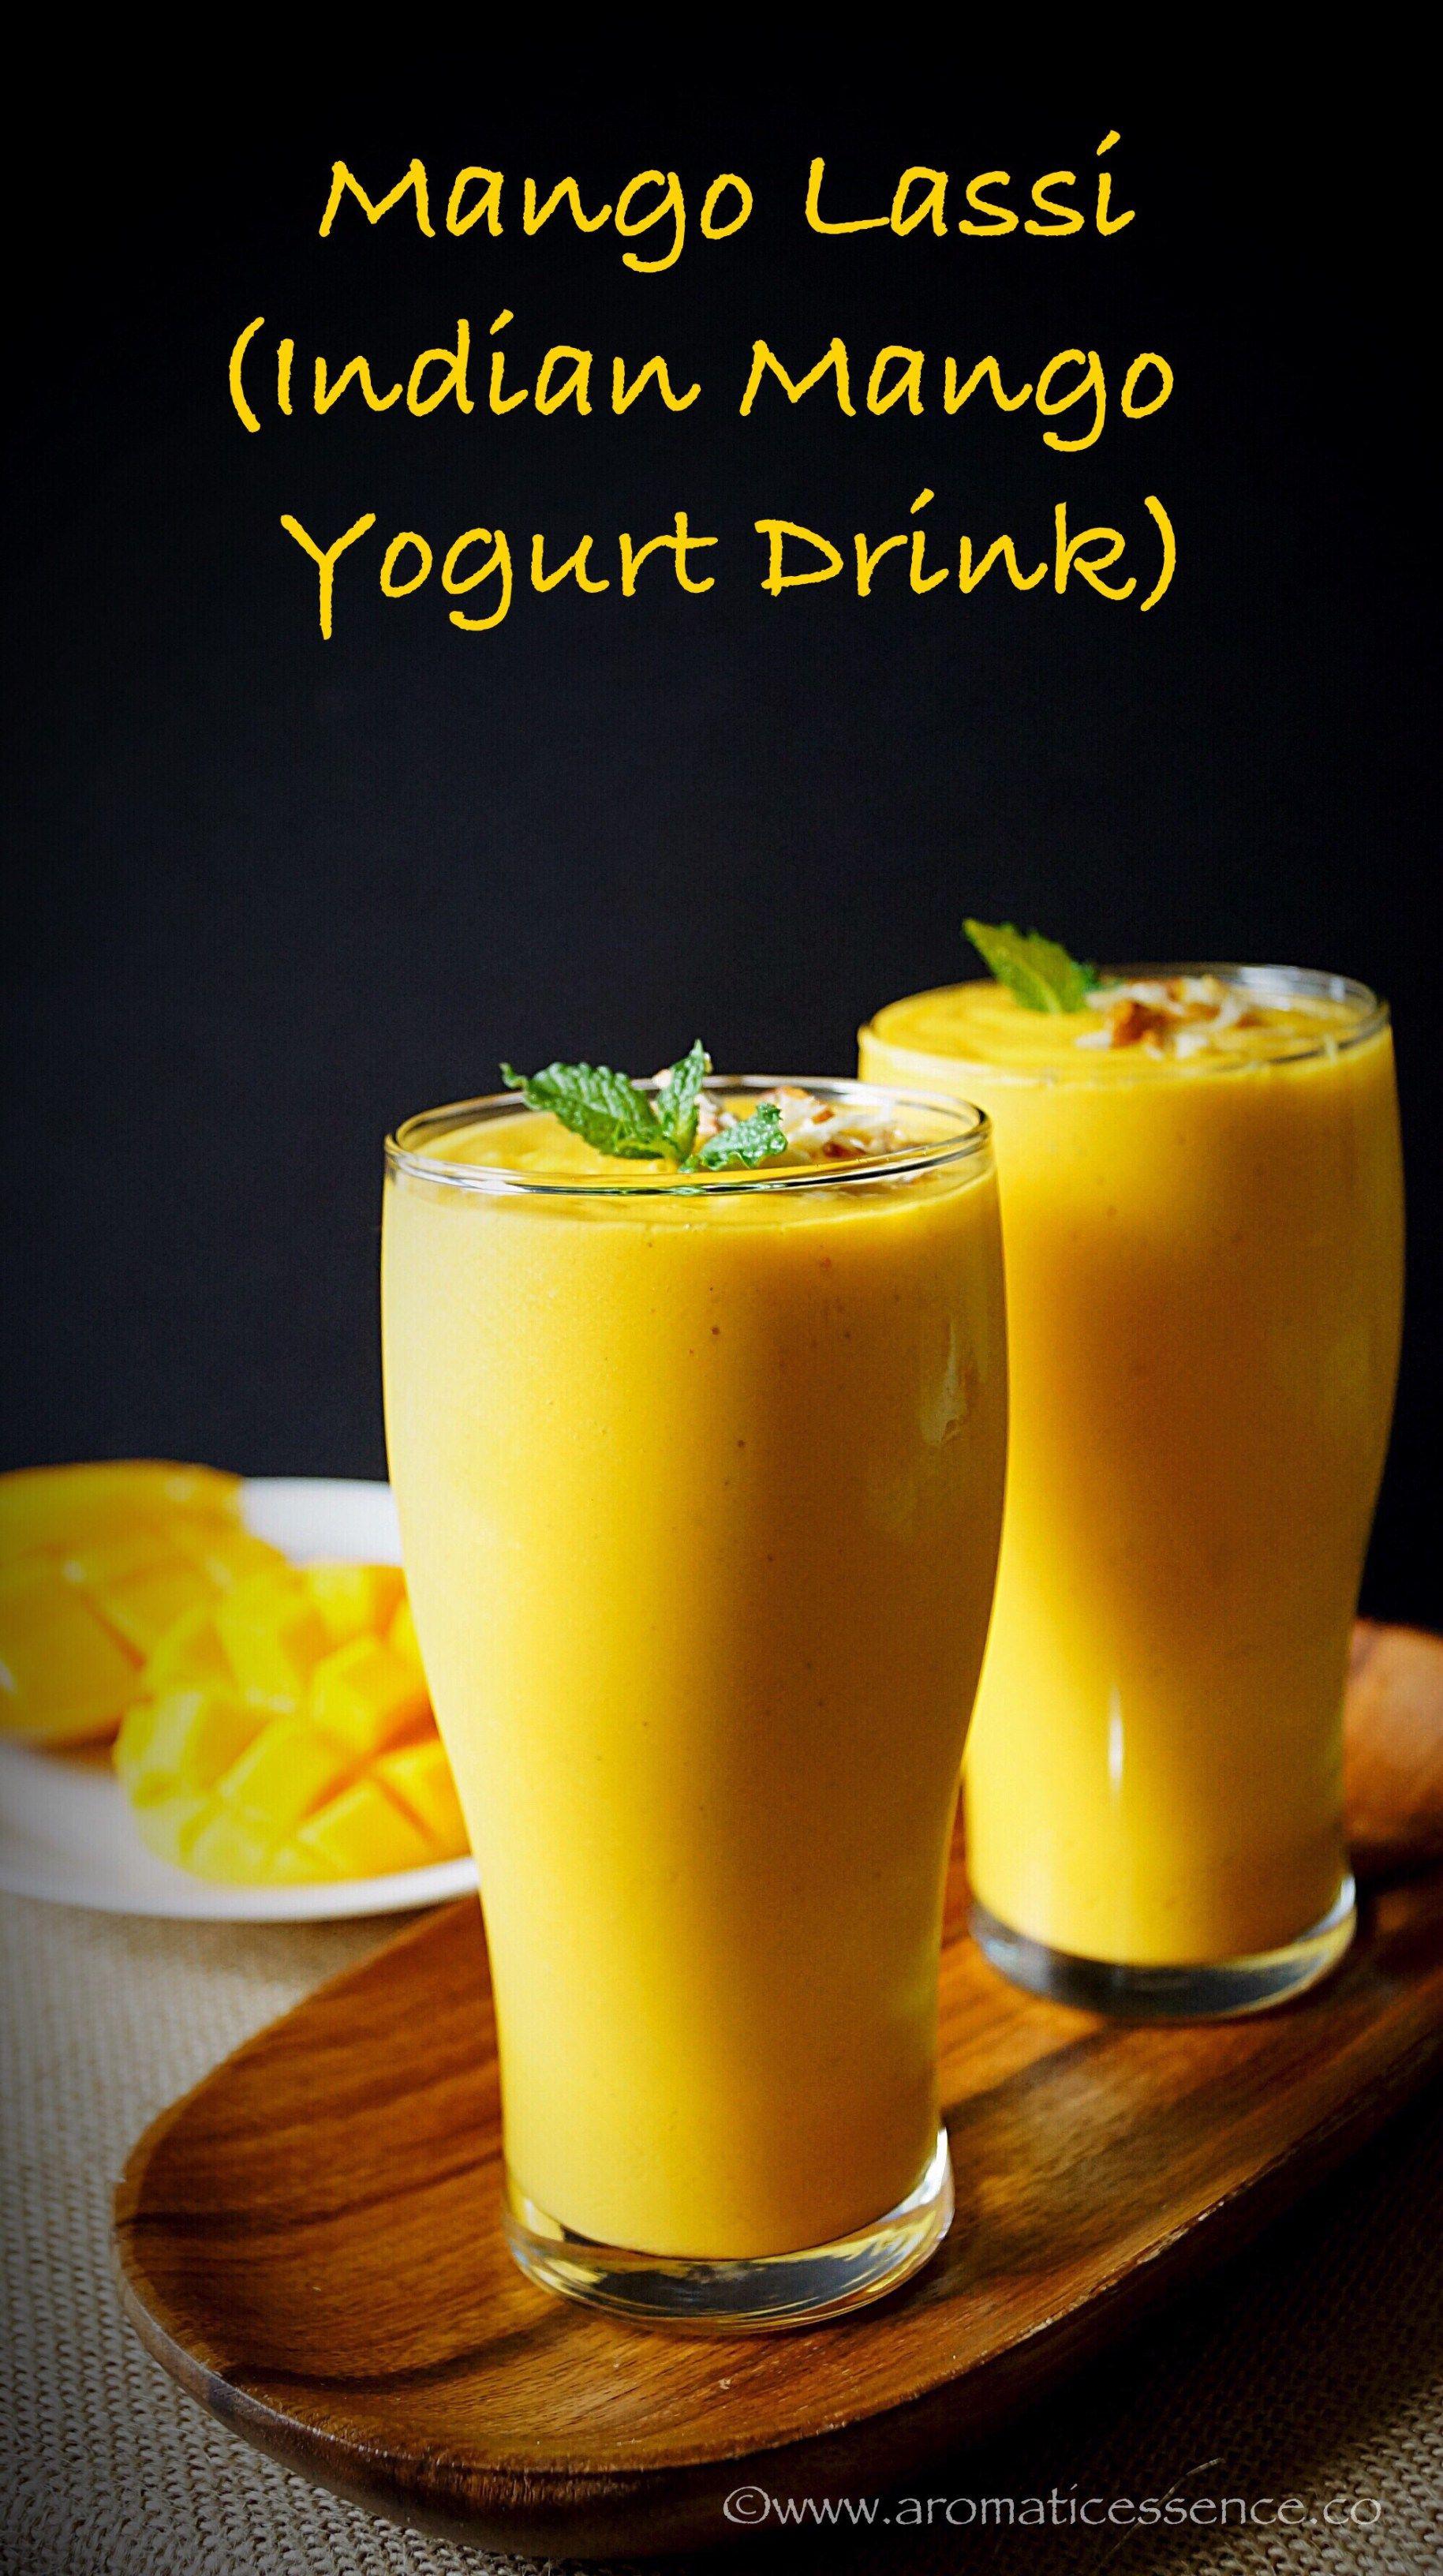 Mango Lassi Recipe Using Mango Pulp How To Make Mango Lassi Recipe Lassi Recipes Mango Lassi Recipes Mango Lassi